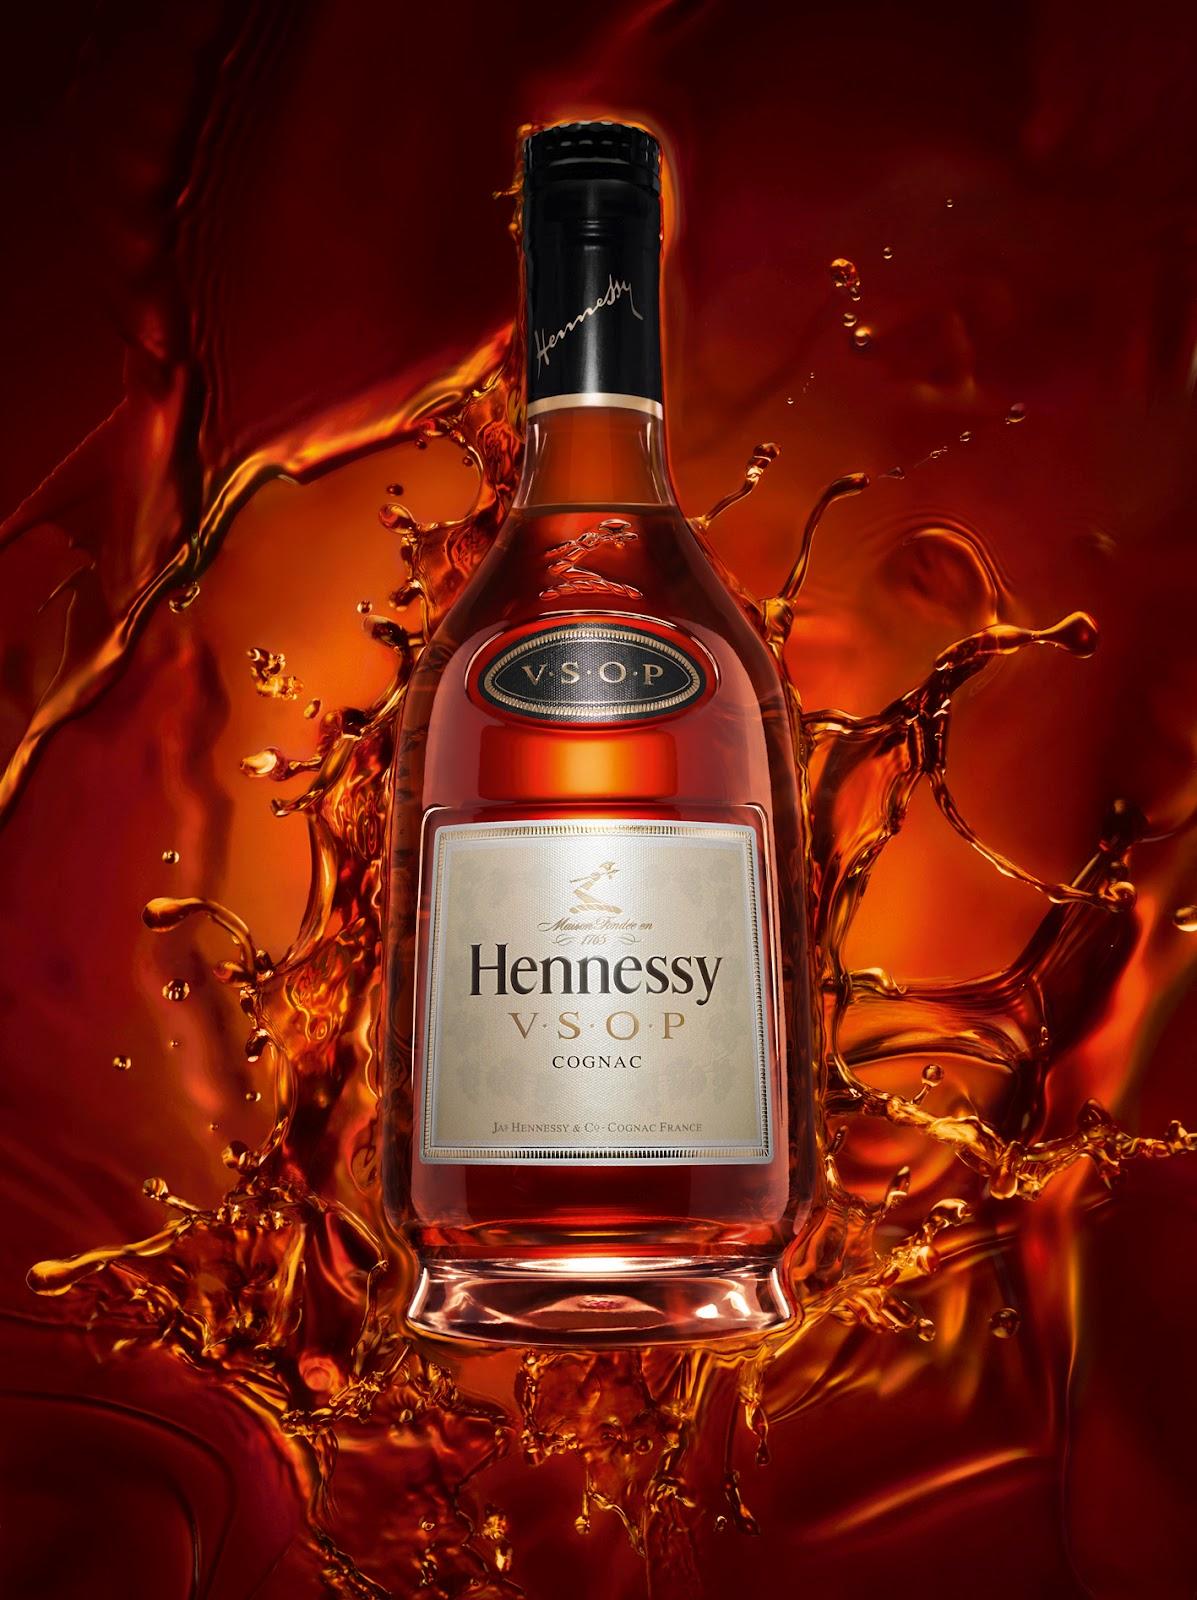 Hennessy v s o p new bottle design missyblurkit for Cognac design